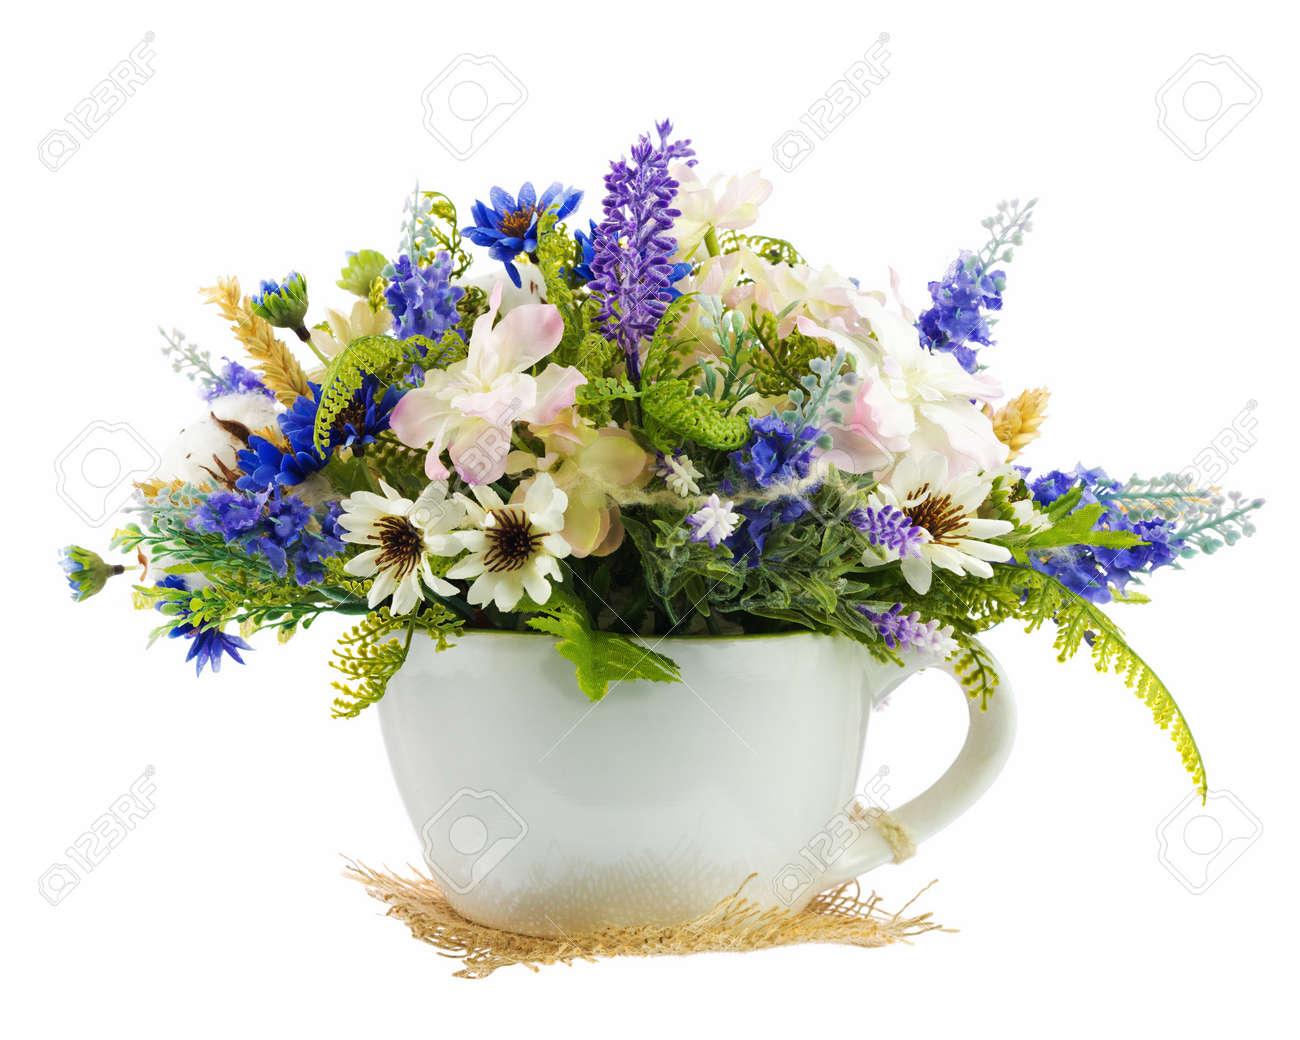 Tabla Arreglo Floral De Flores Artificiales Y Bolas De Algodones En El Florero De Cerámica Estilizada En Forma De Taza De Té Aislada En El Fondo